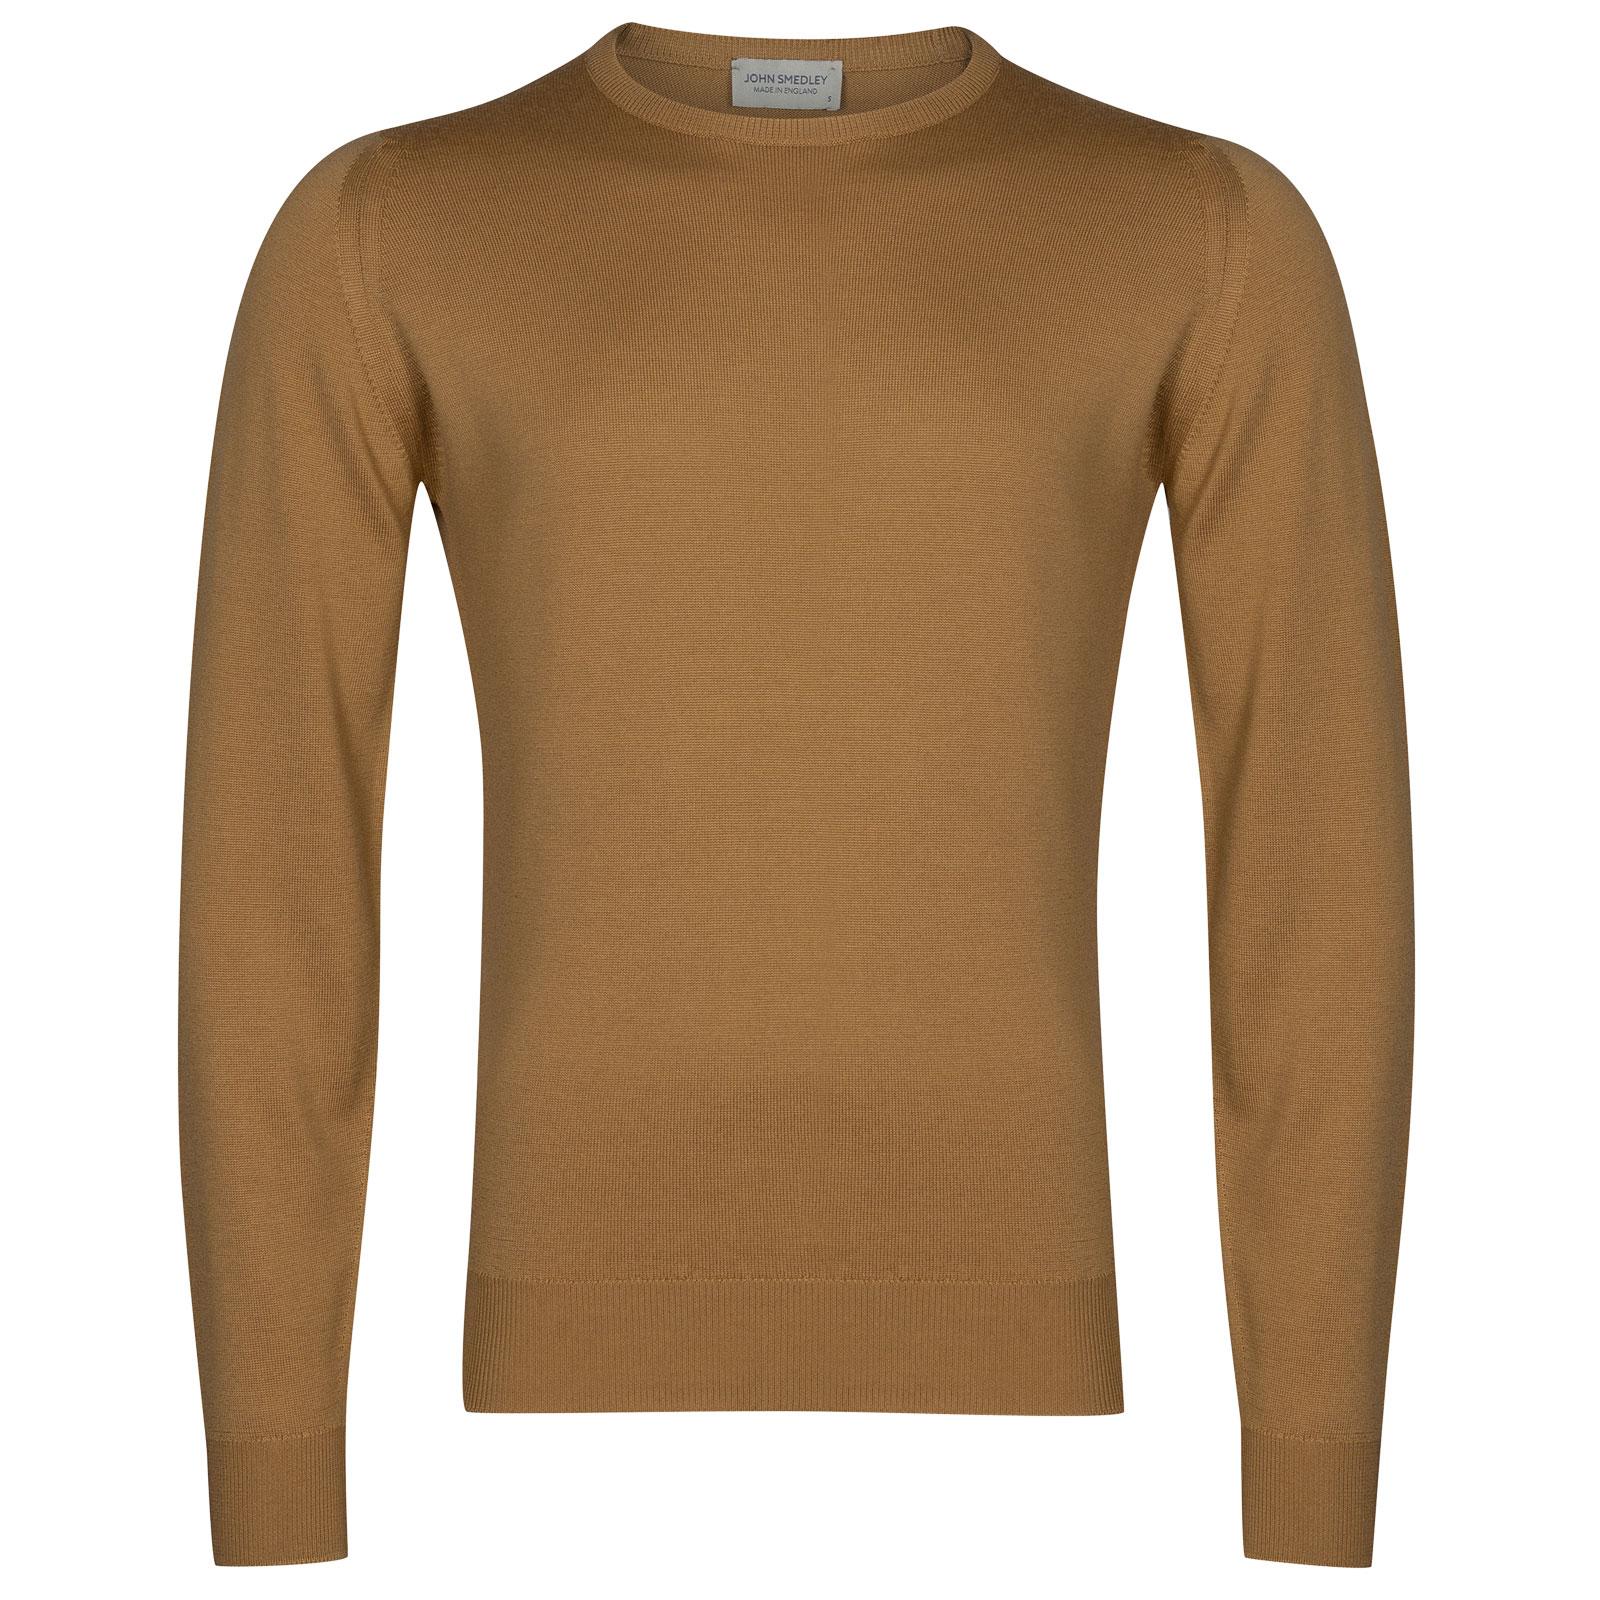 John Smedley farhill Merino Wool Pullover in Camel-L